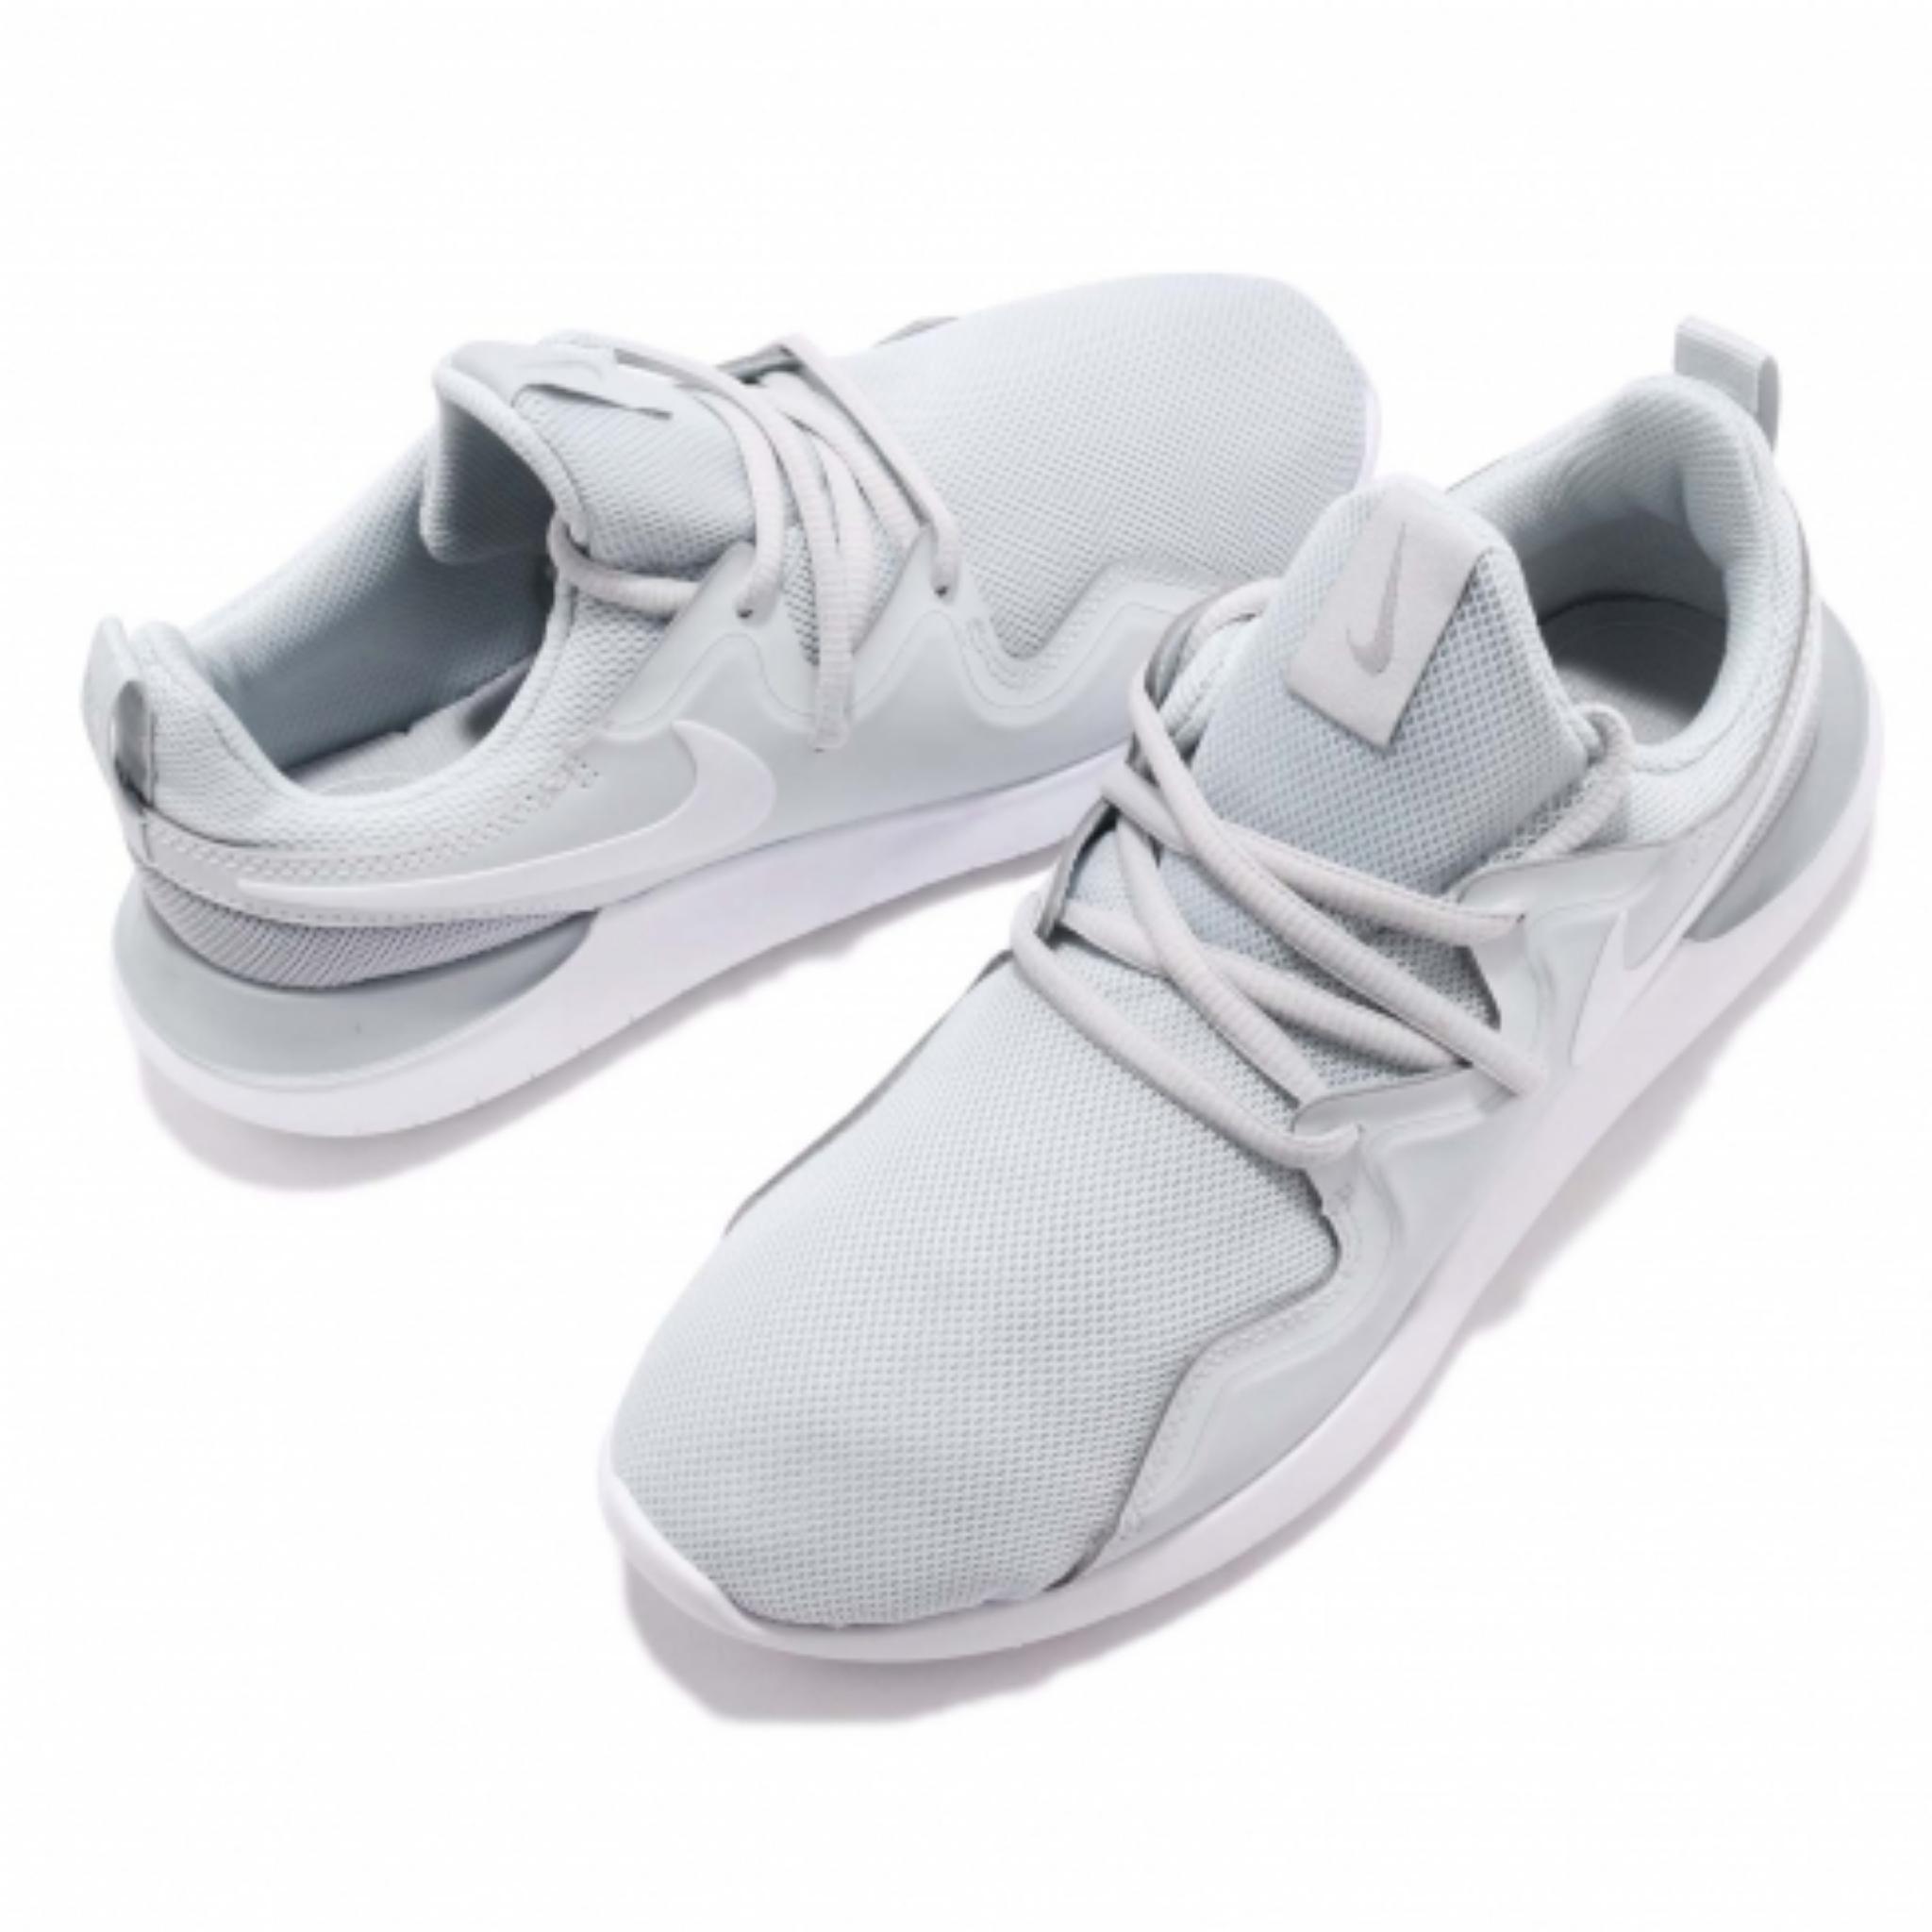 کفش مخصوص پیاده روی نایکی مدل TESSEN کد ۰۰۲